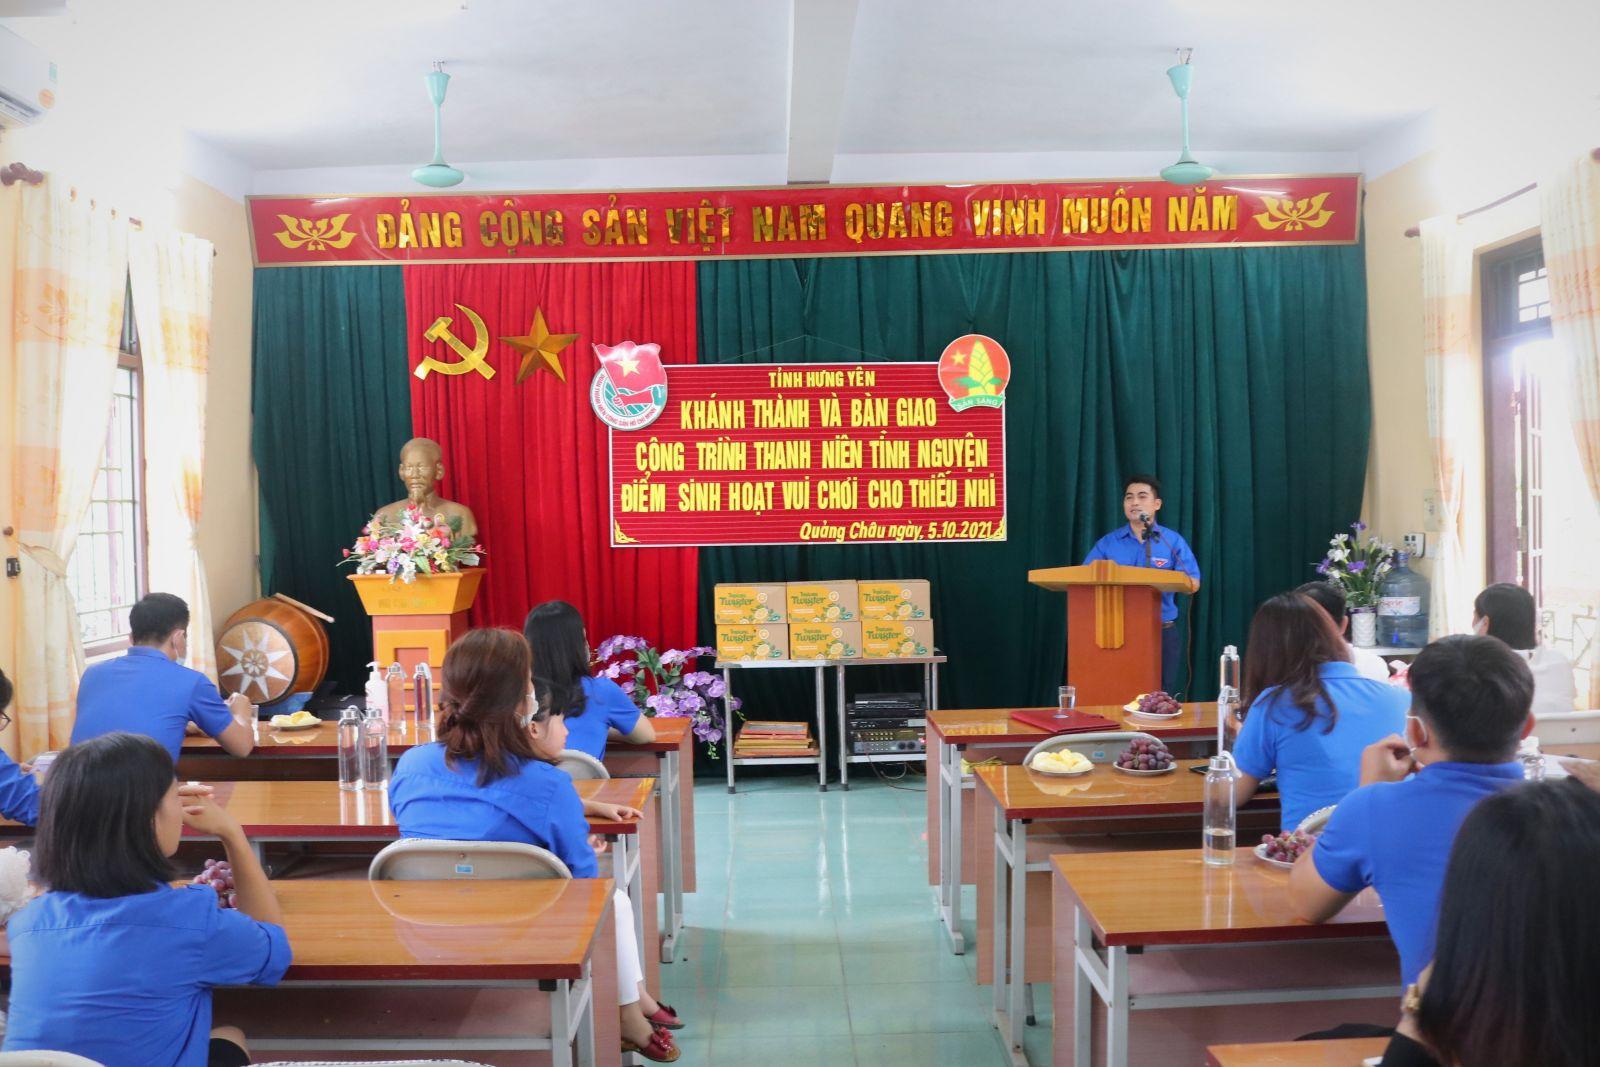 Tỉnh đoàn, Hội đồng Đội tỉnh khánh thành điểm vui chơi cho thiếu nhi Trường mầm non Quảng Châu – Thành phố Hưng Yên